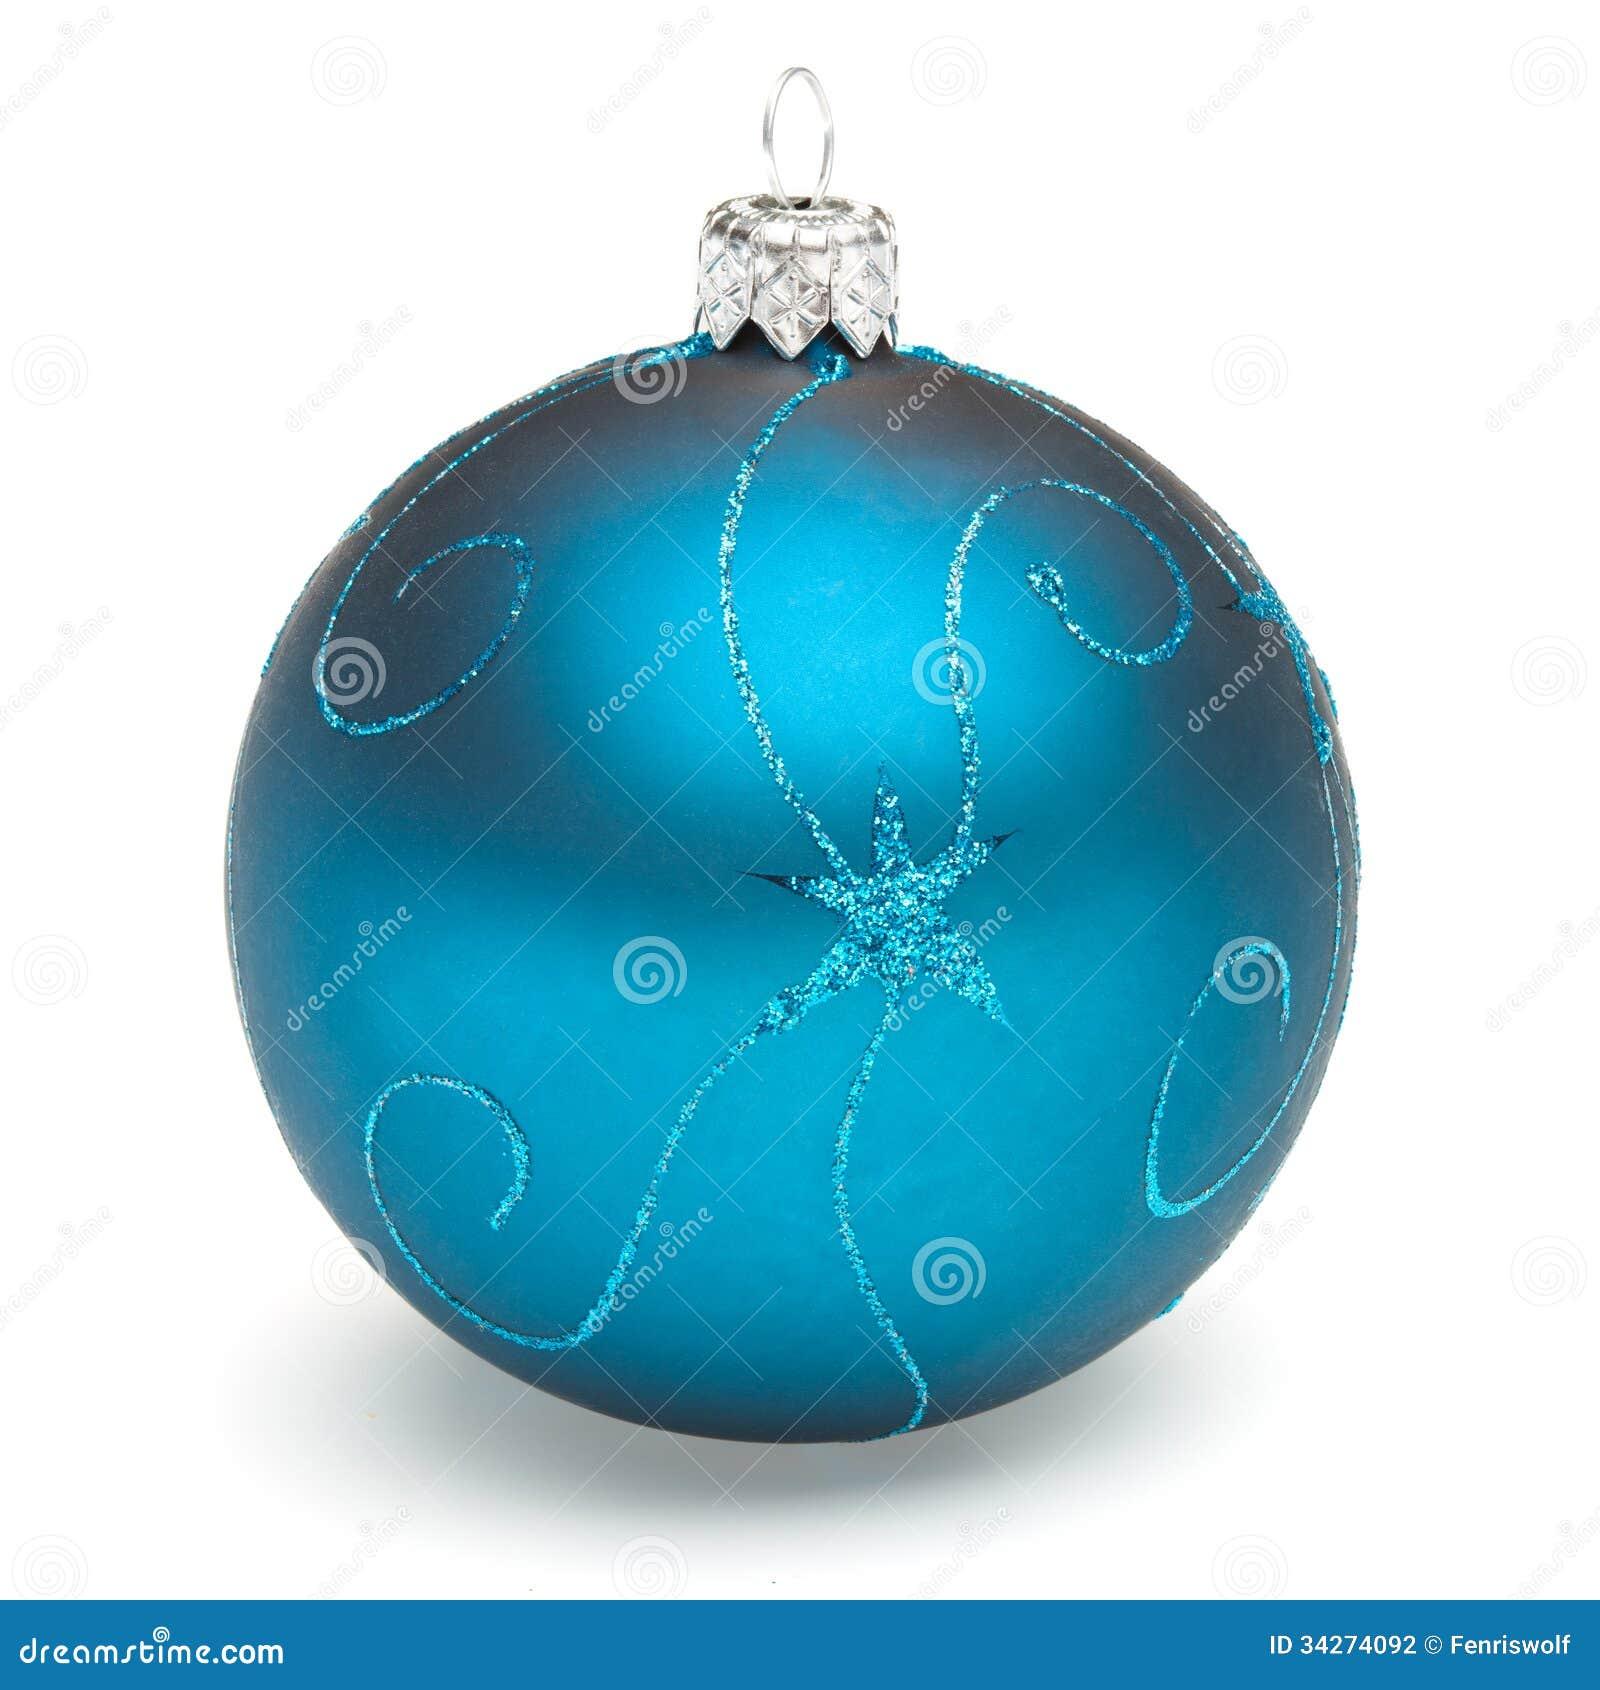 decoracao arvore de natal azul:Bola azul da decoração da árvore de Natal isolada no backrground